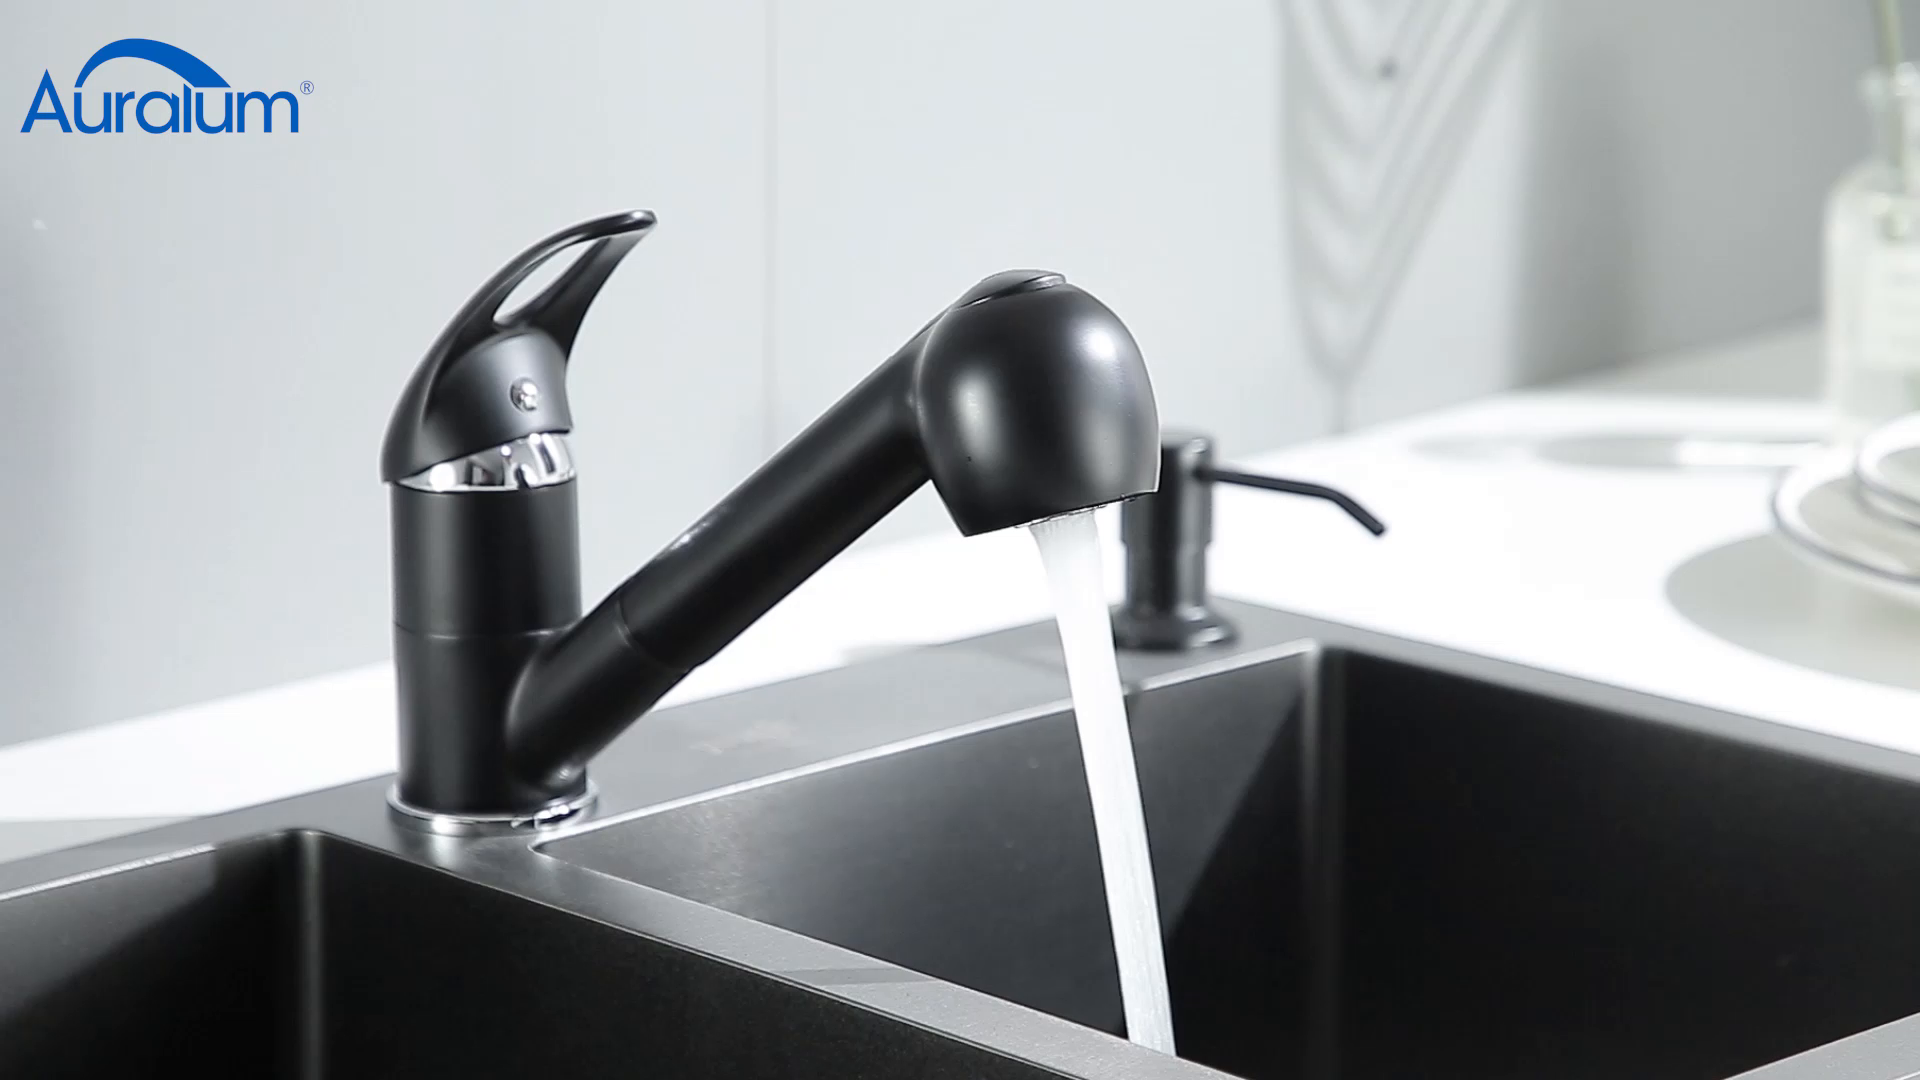 Auralum - Grifo Cocina 2 Vías Negro con Ducha Extraíble Grifos de Fregadero Latón Cromado Mezclador de Cocina para Agua Caliente y Fría: Amazon.es: Bricolaje y herramientas